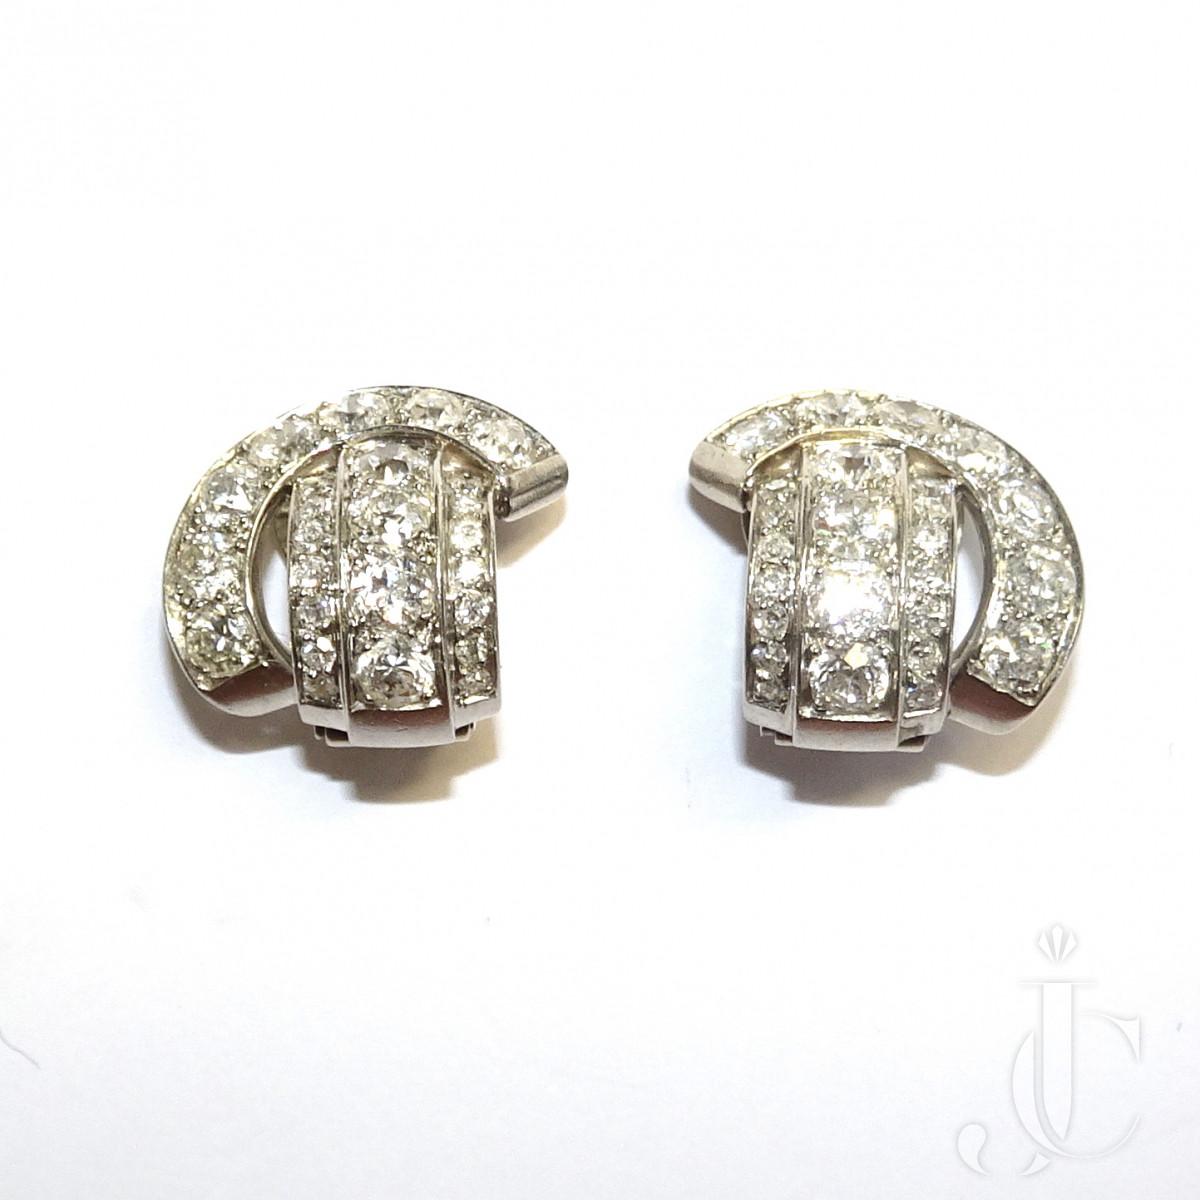 Rene Boivin Diamond Ear Clips